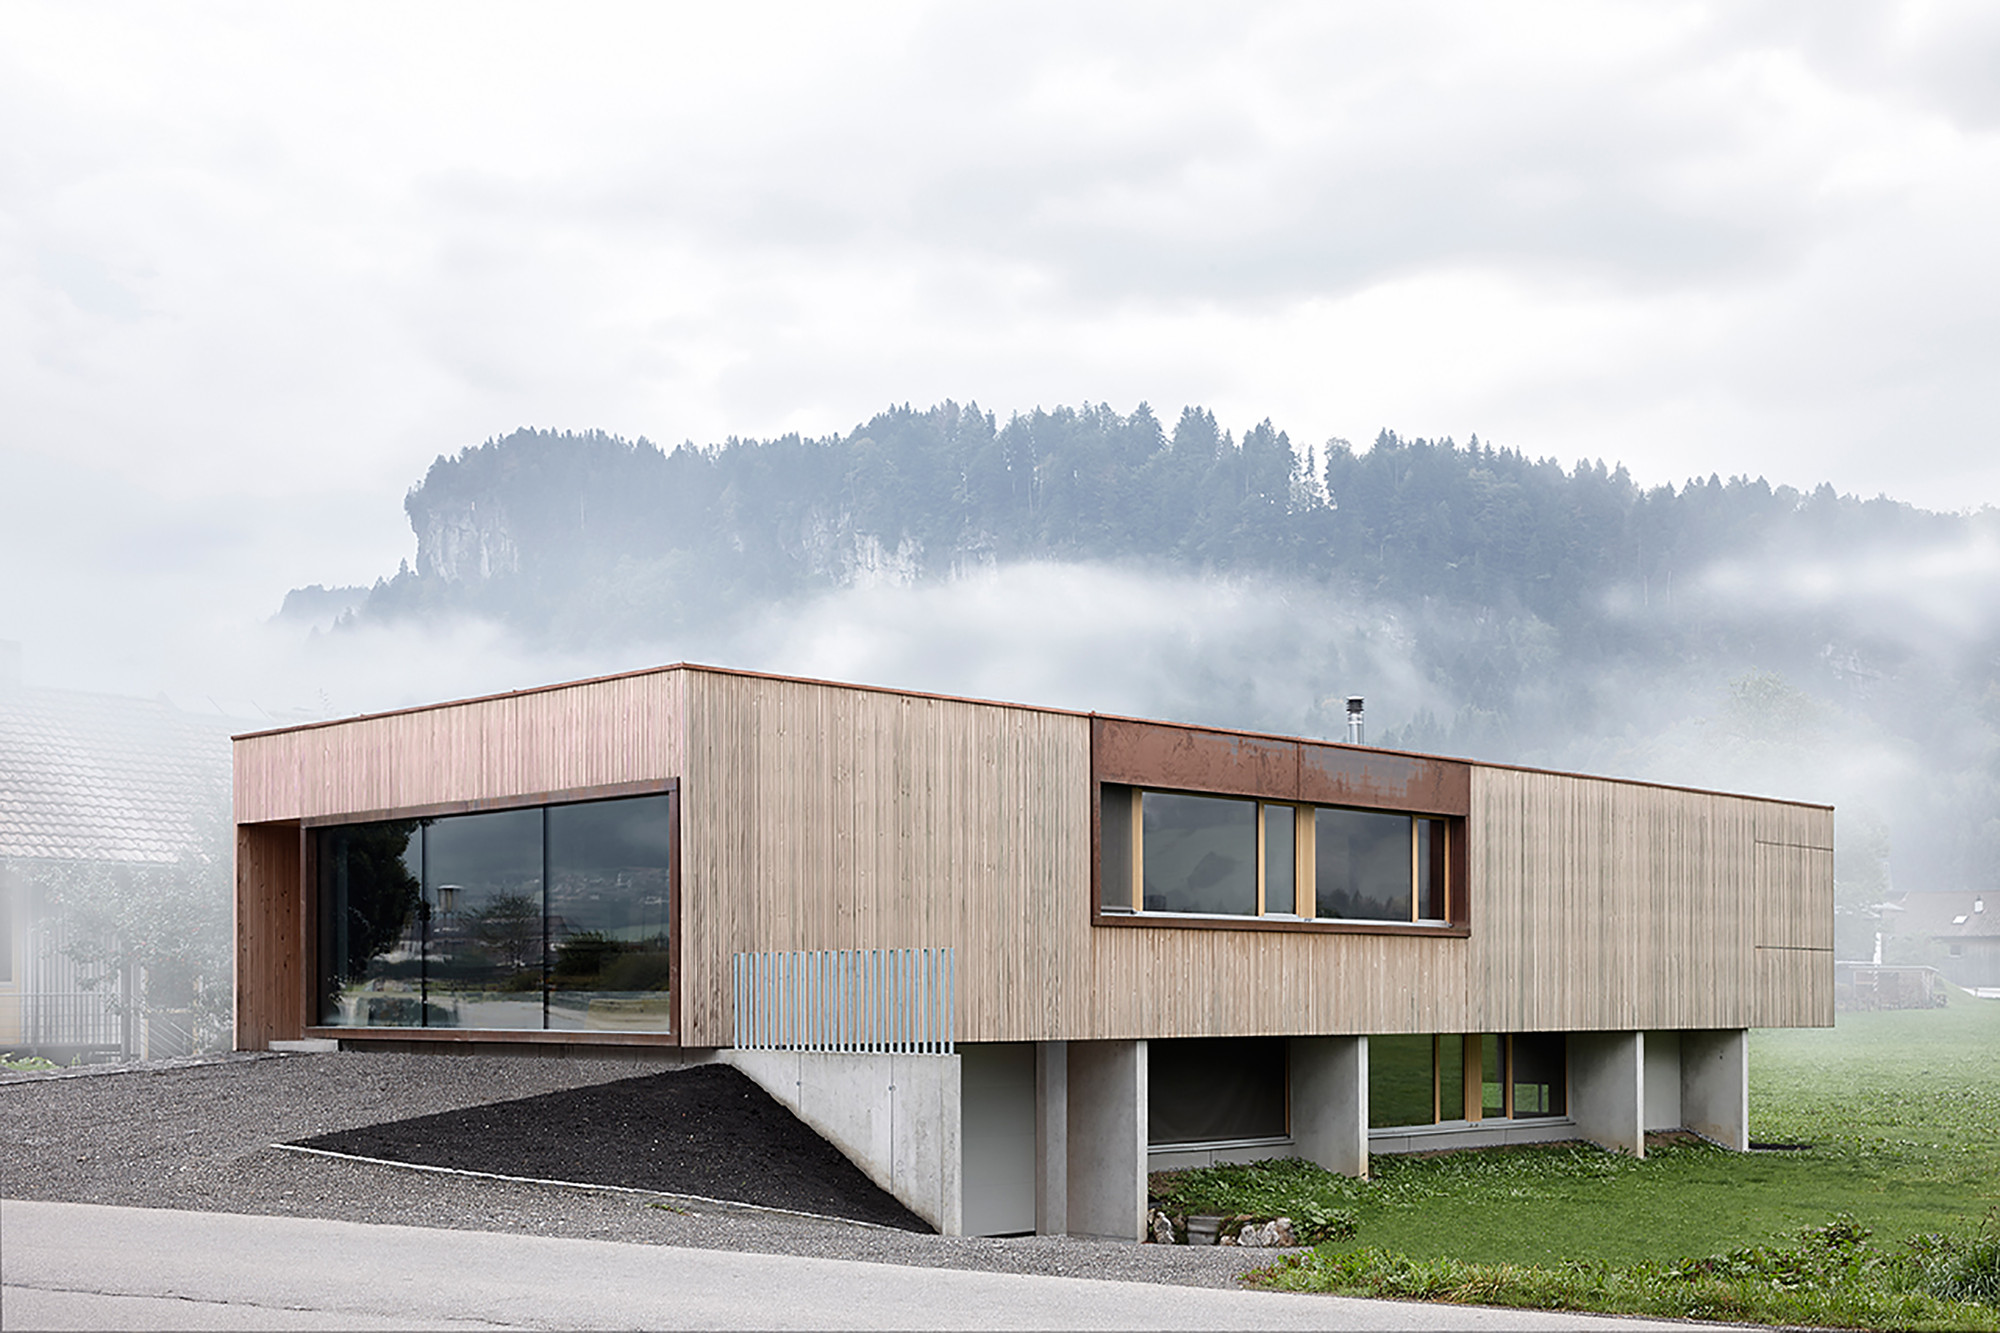 House with Showroom / ao-architekten + Markus Innauer, © Adolf Bereuter